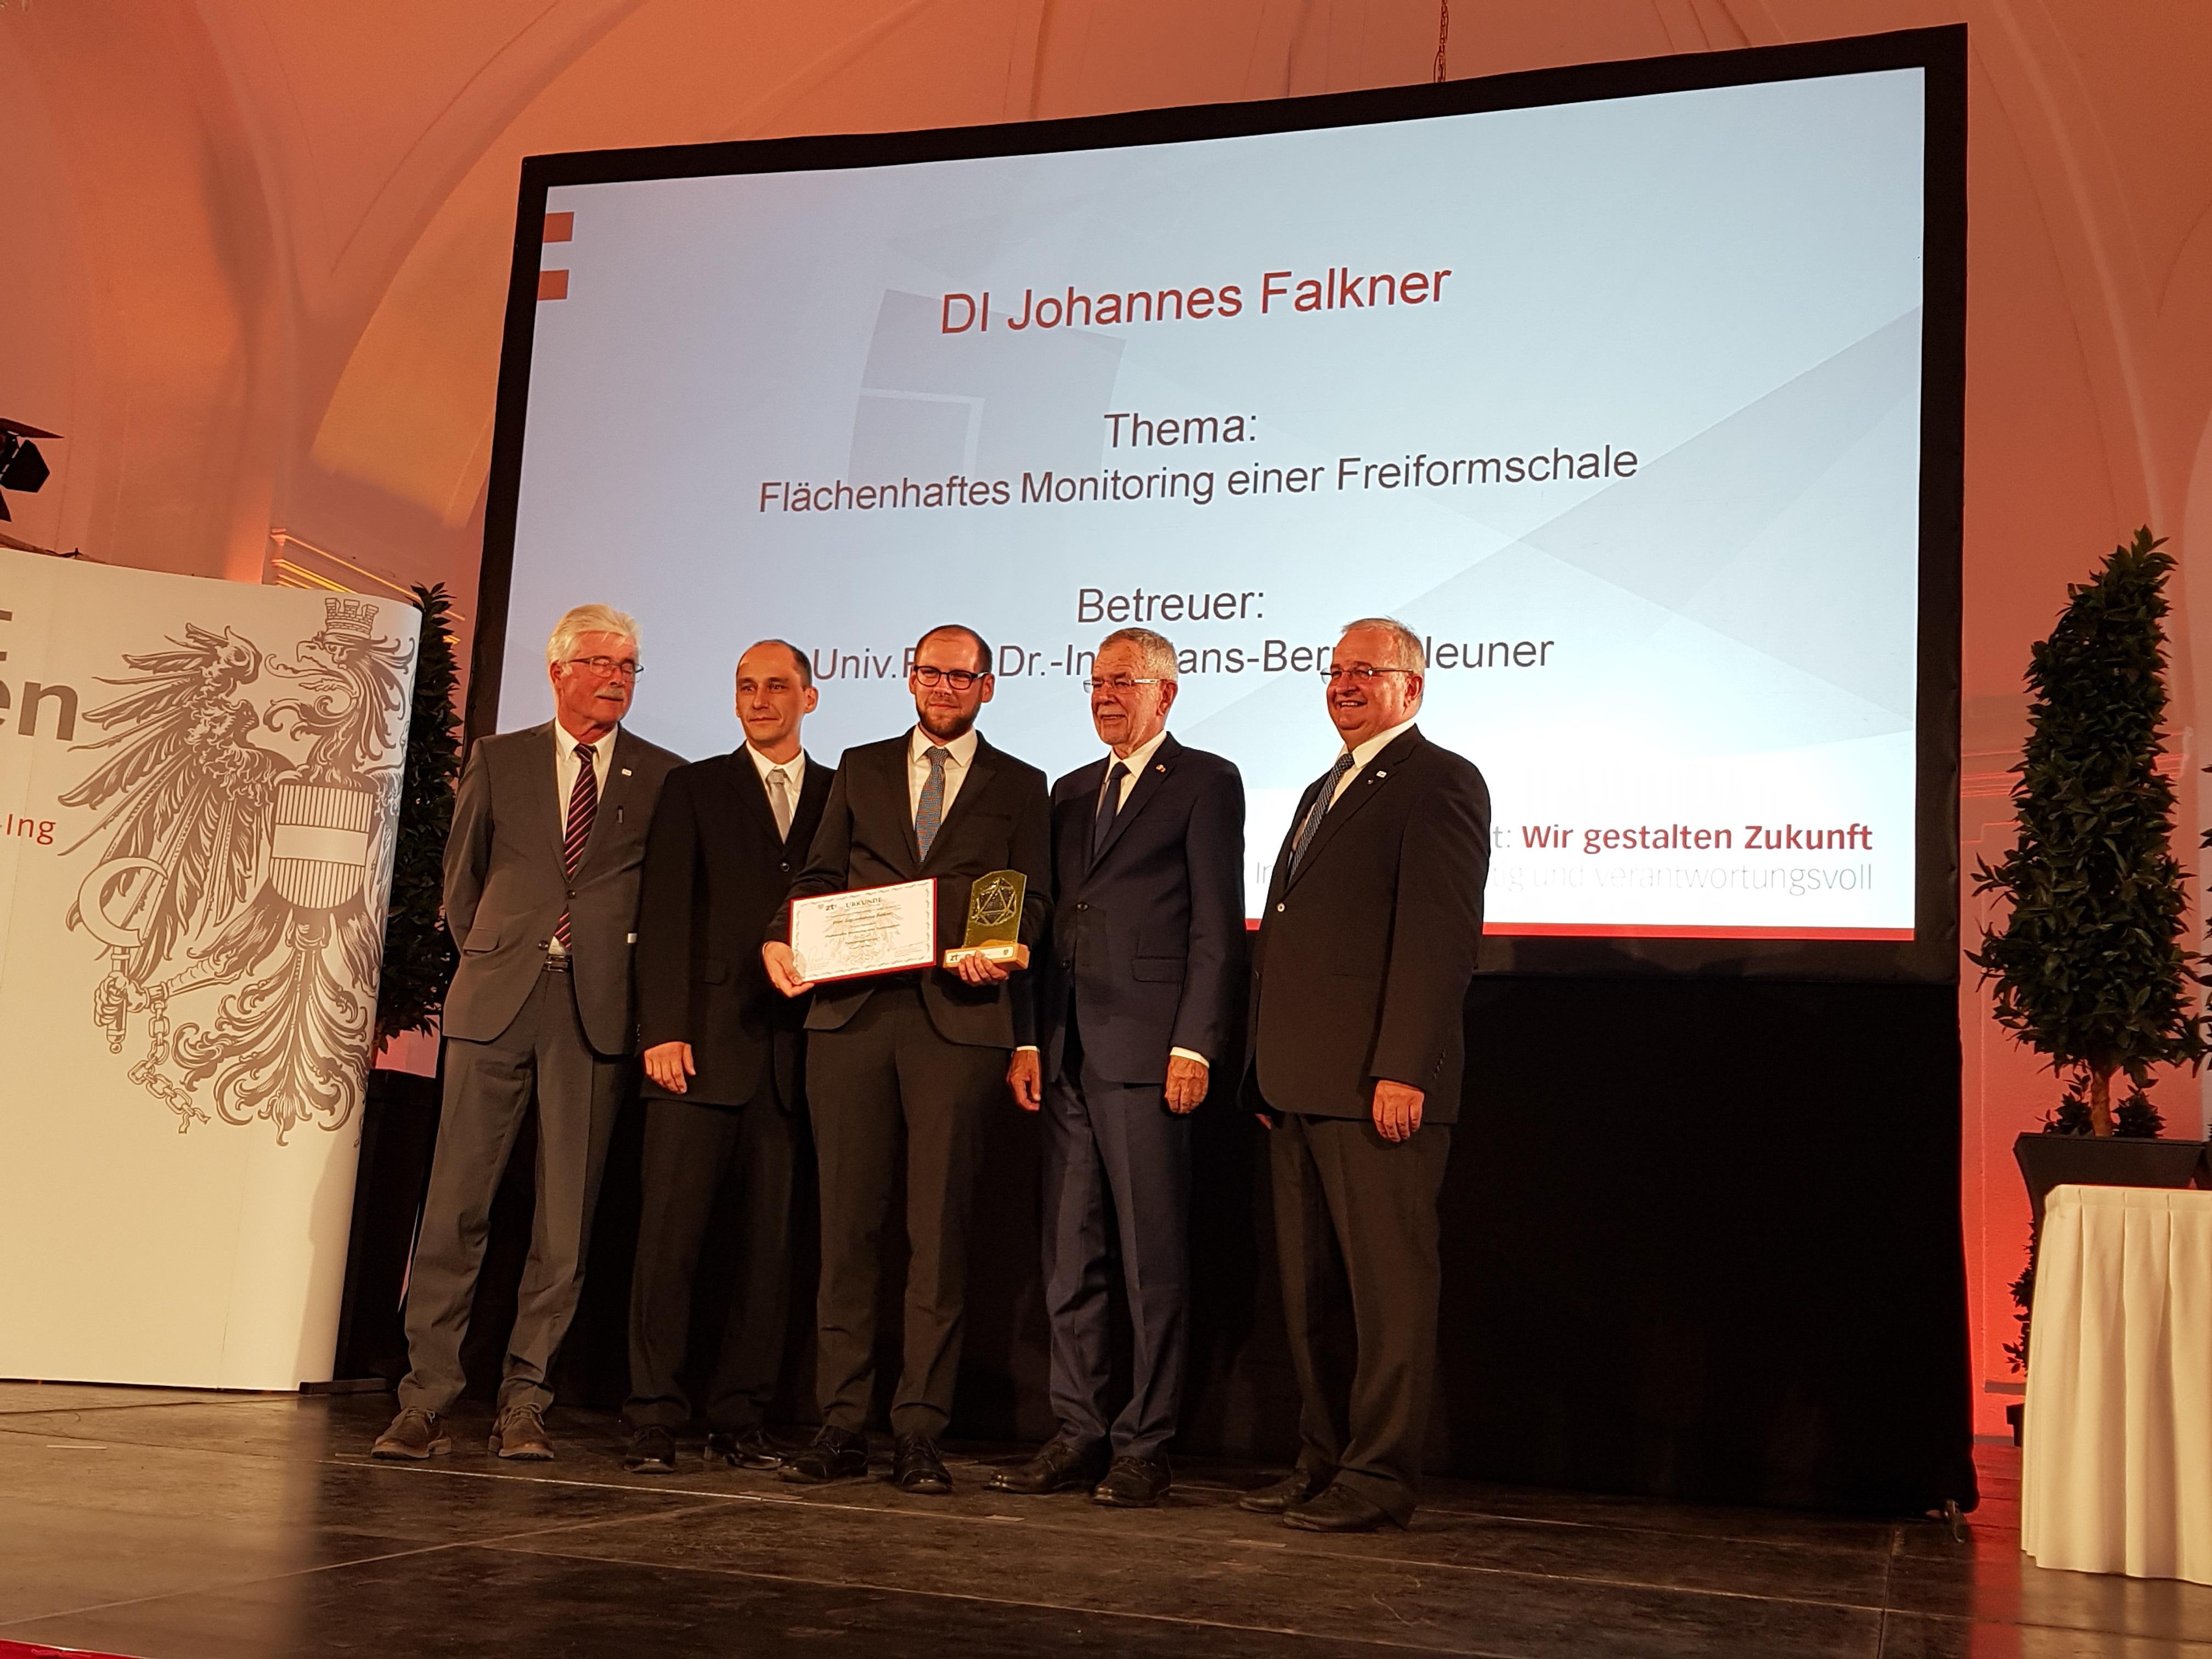 Johannes Falkner